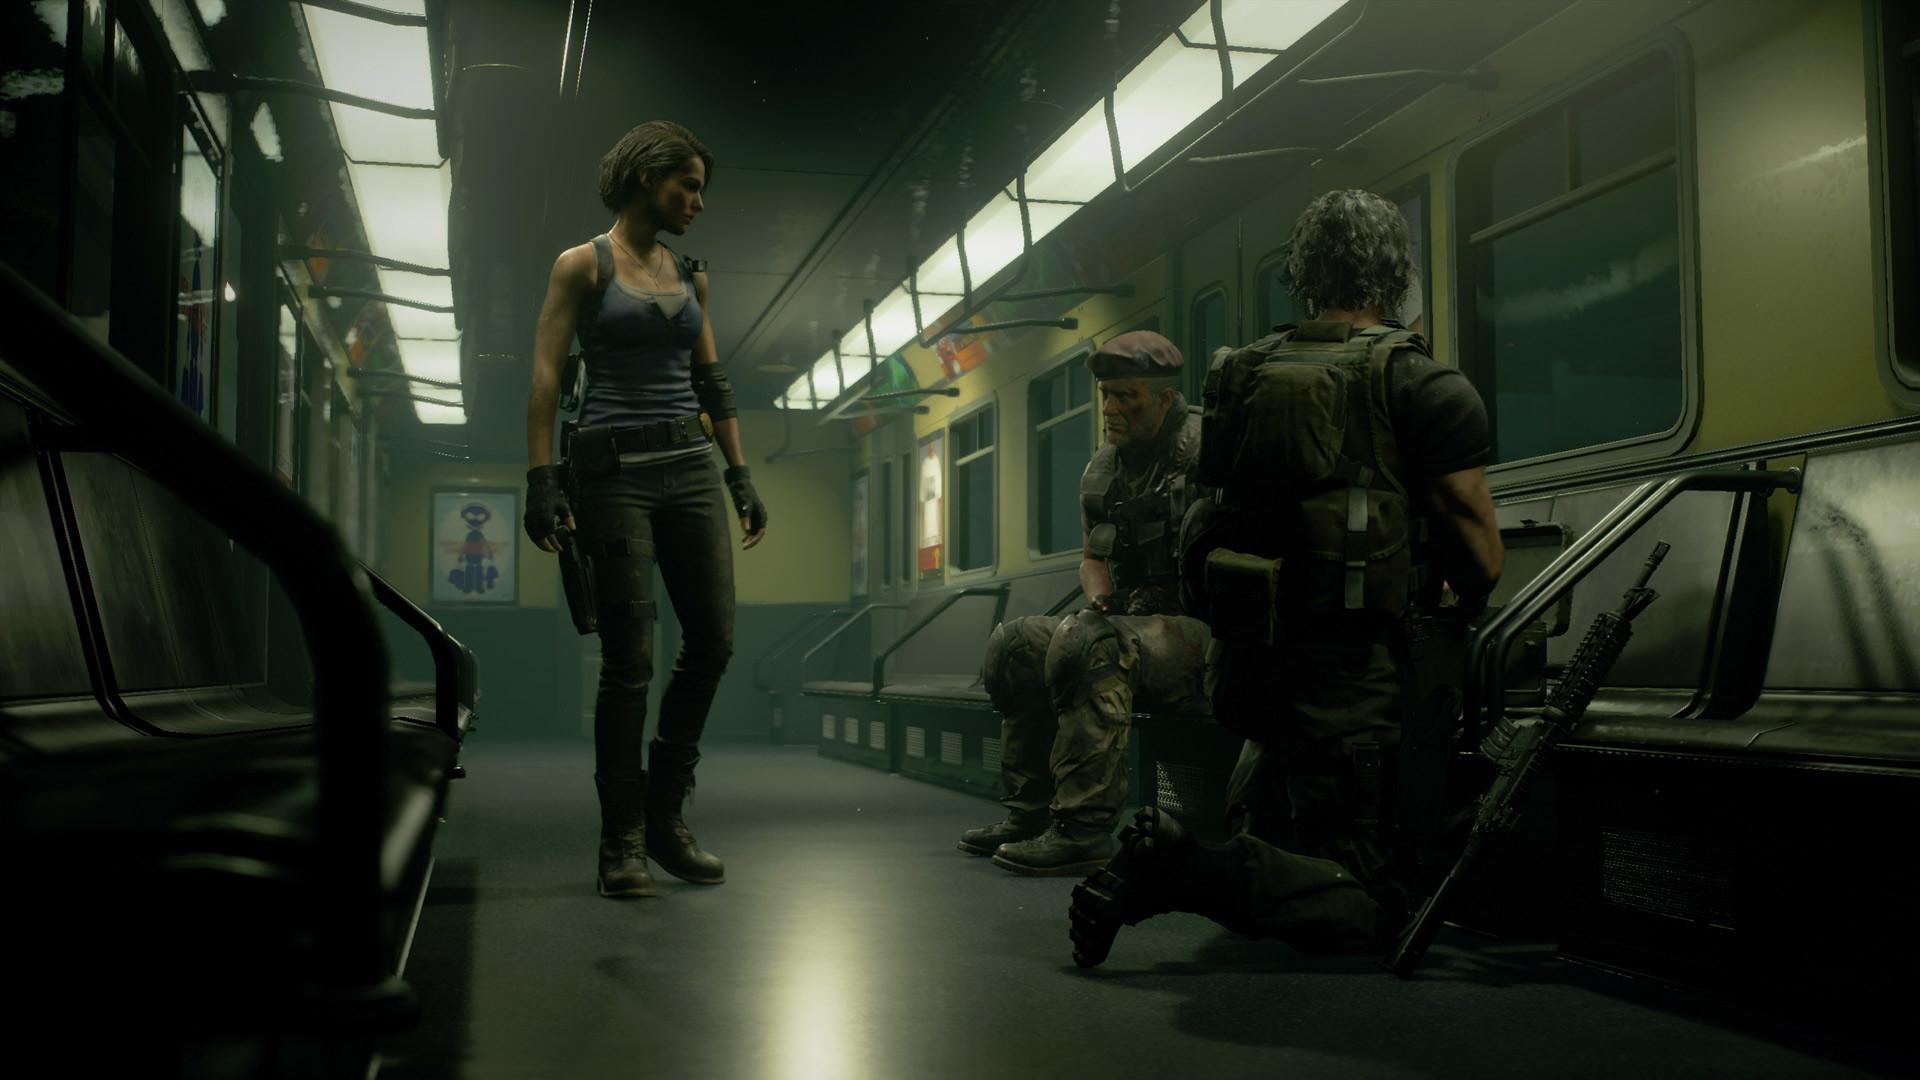 Resident Evil 3: Raccoon City Demo Fiyat Karşılaştırma